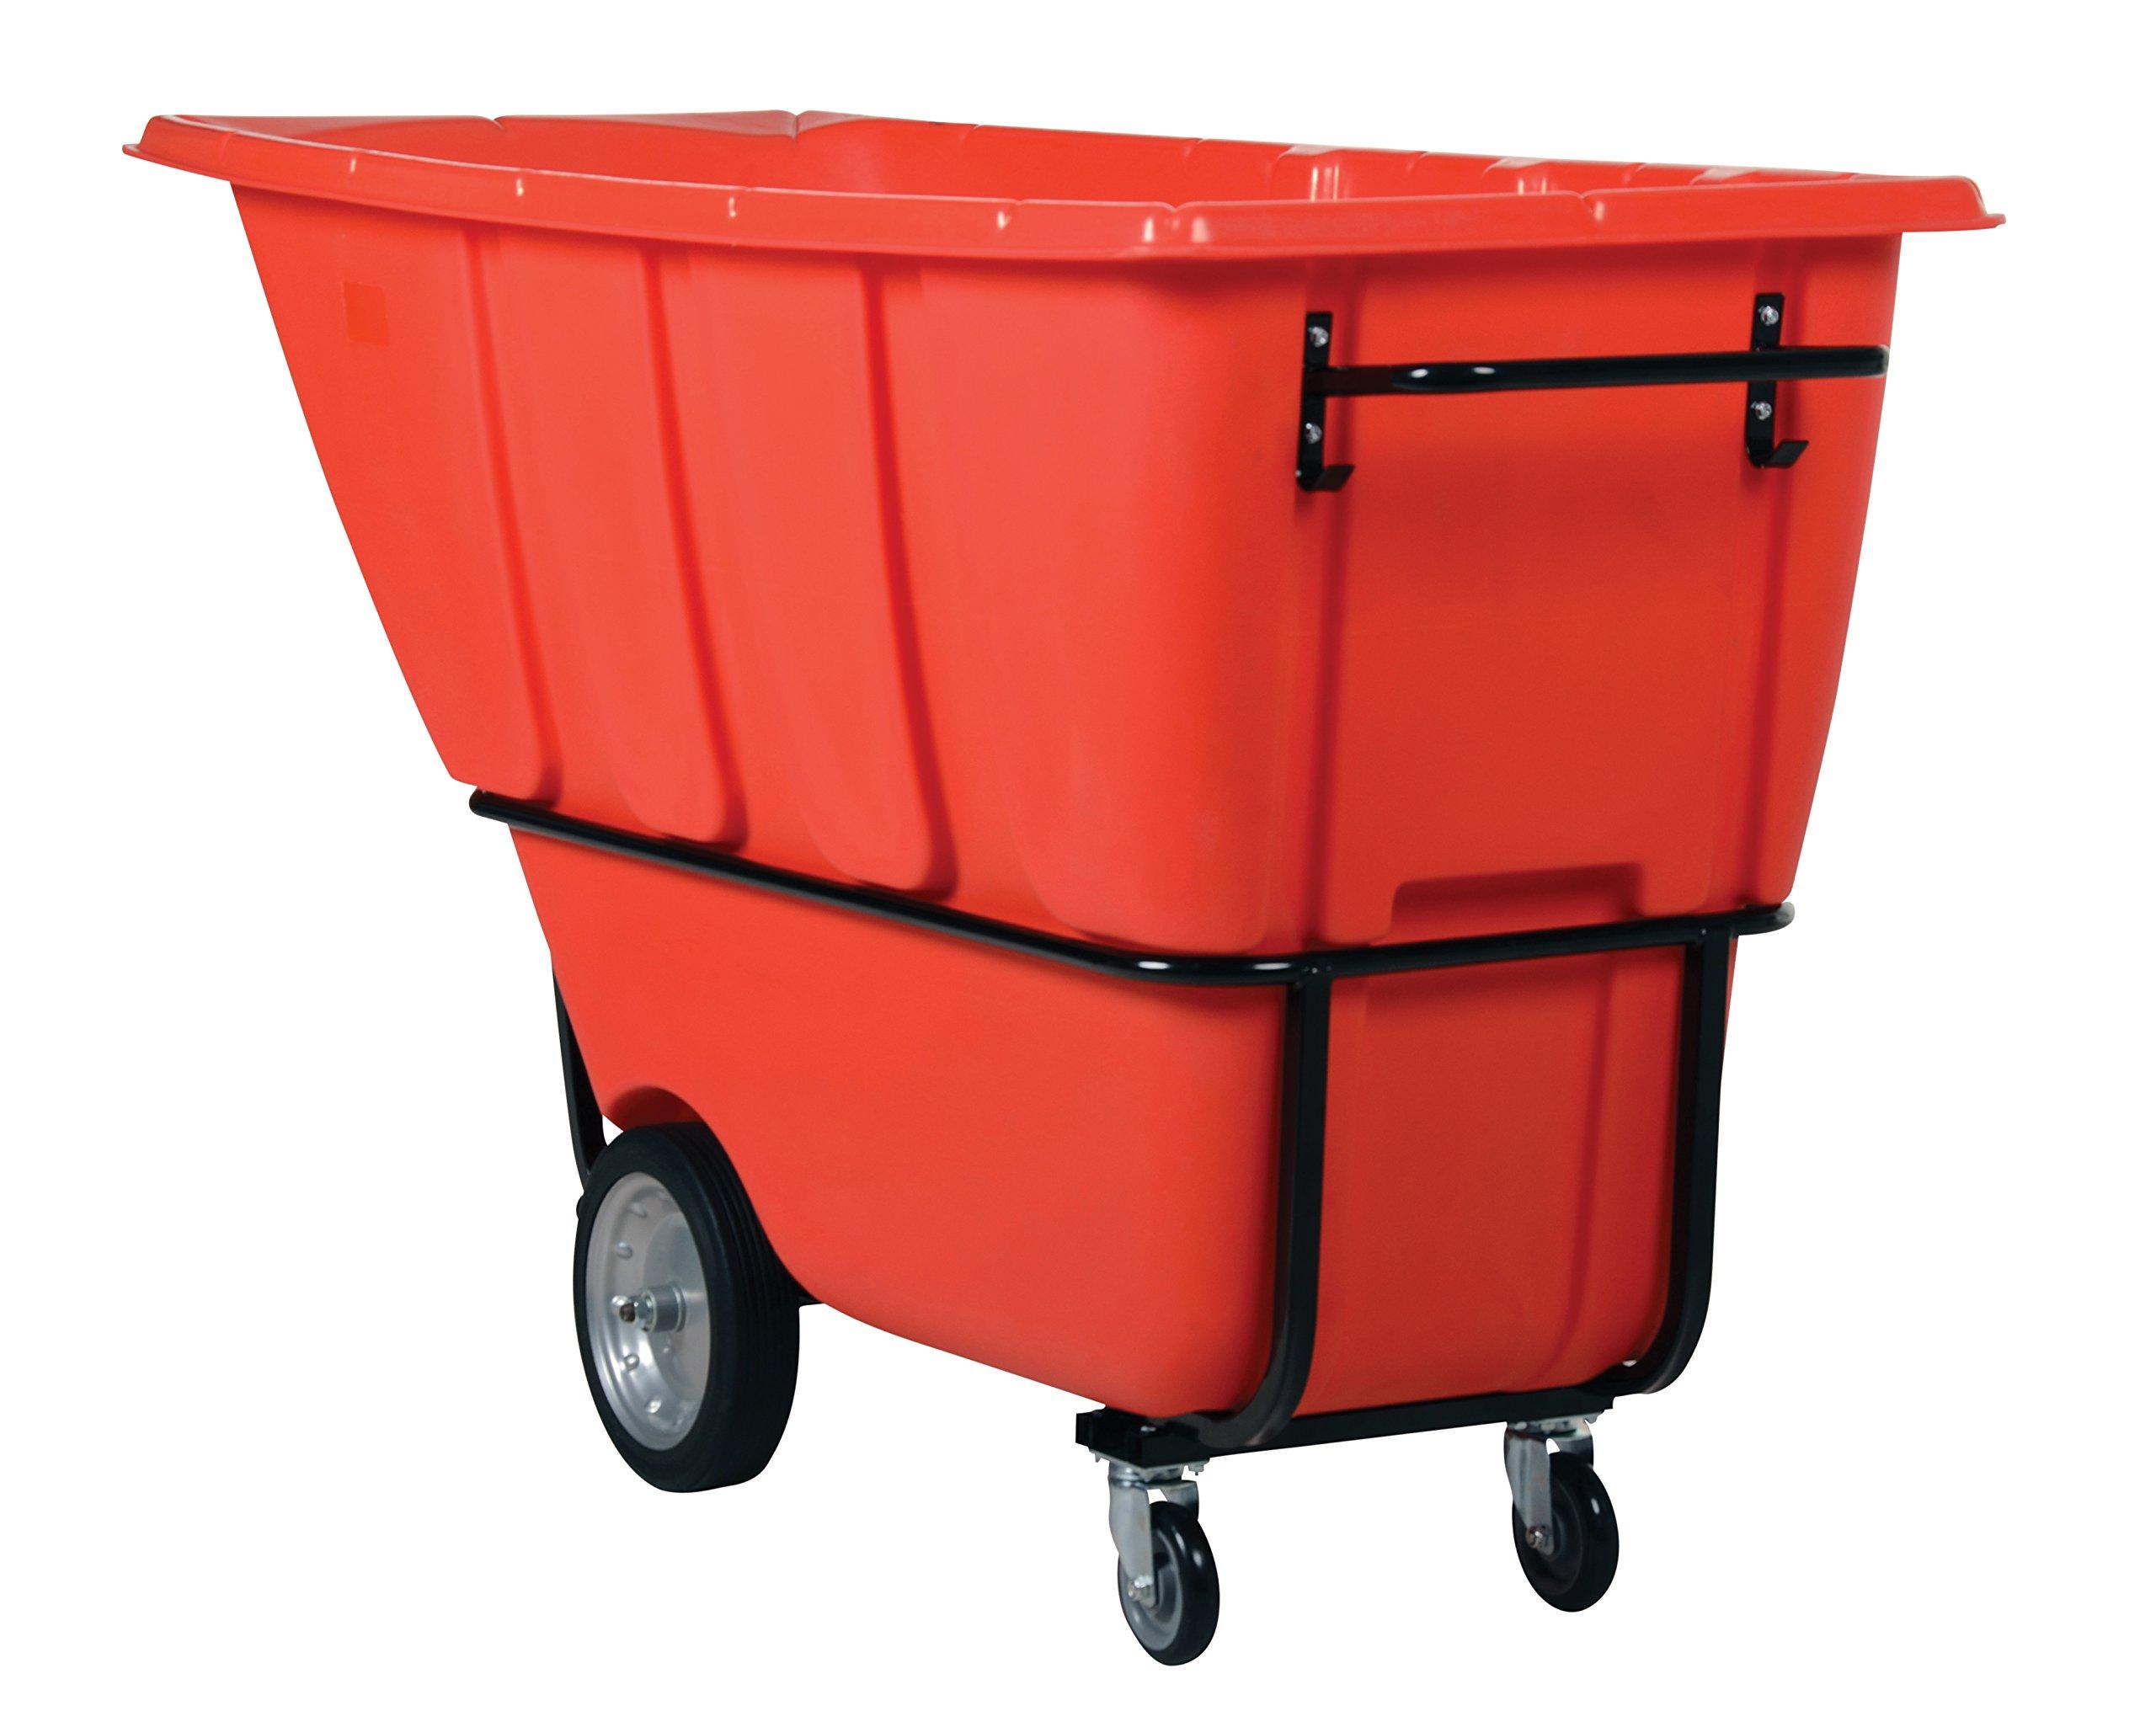 Vestil TDT-100-HD-RED Heavy Duty Tilt Truck, 1 cu. yd., Red